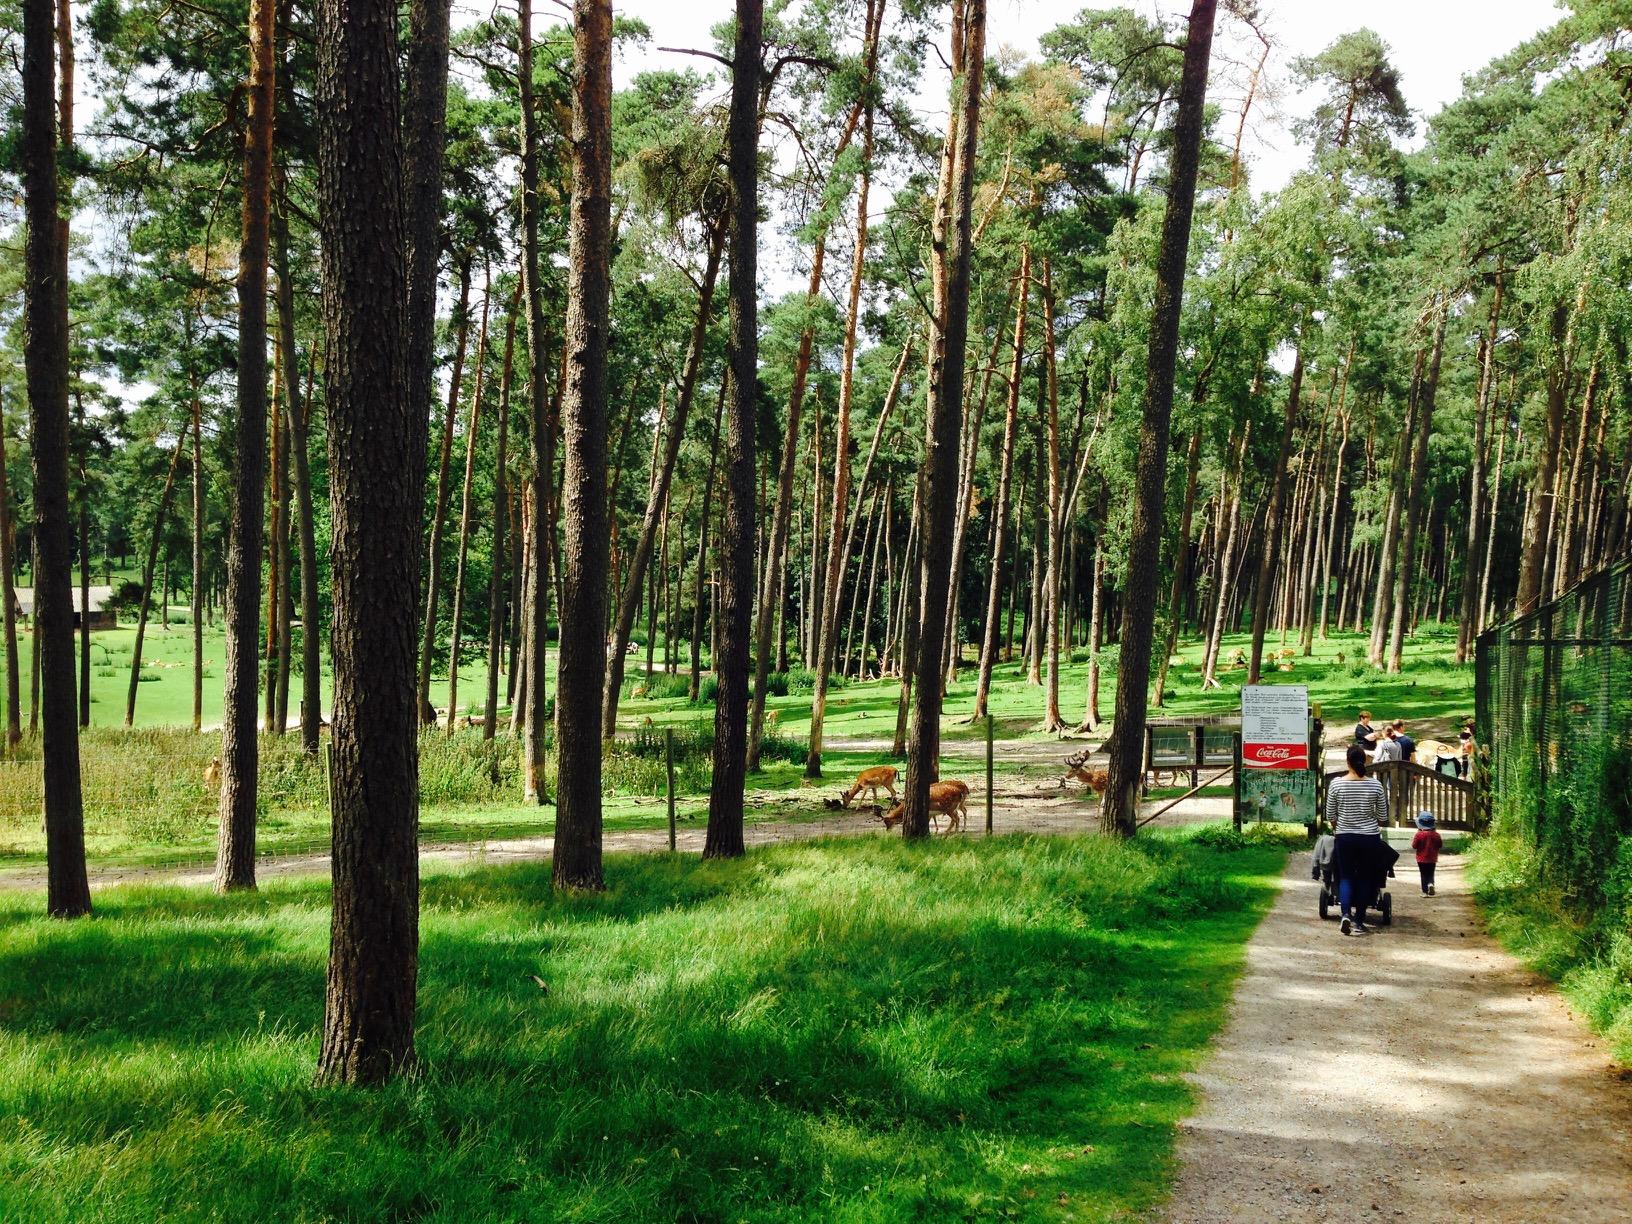 Ausflugstipps NRWm Wald im Wildpark Granat, Haltern